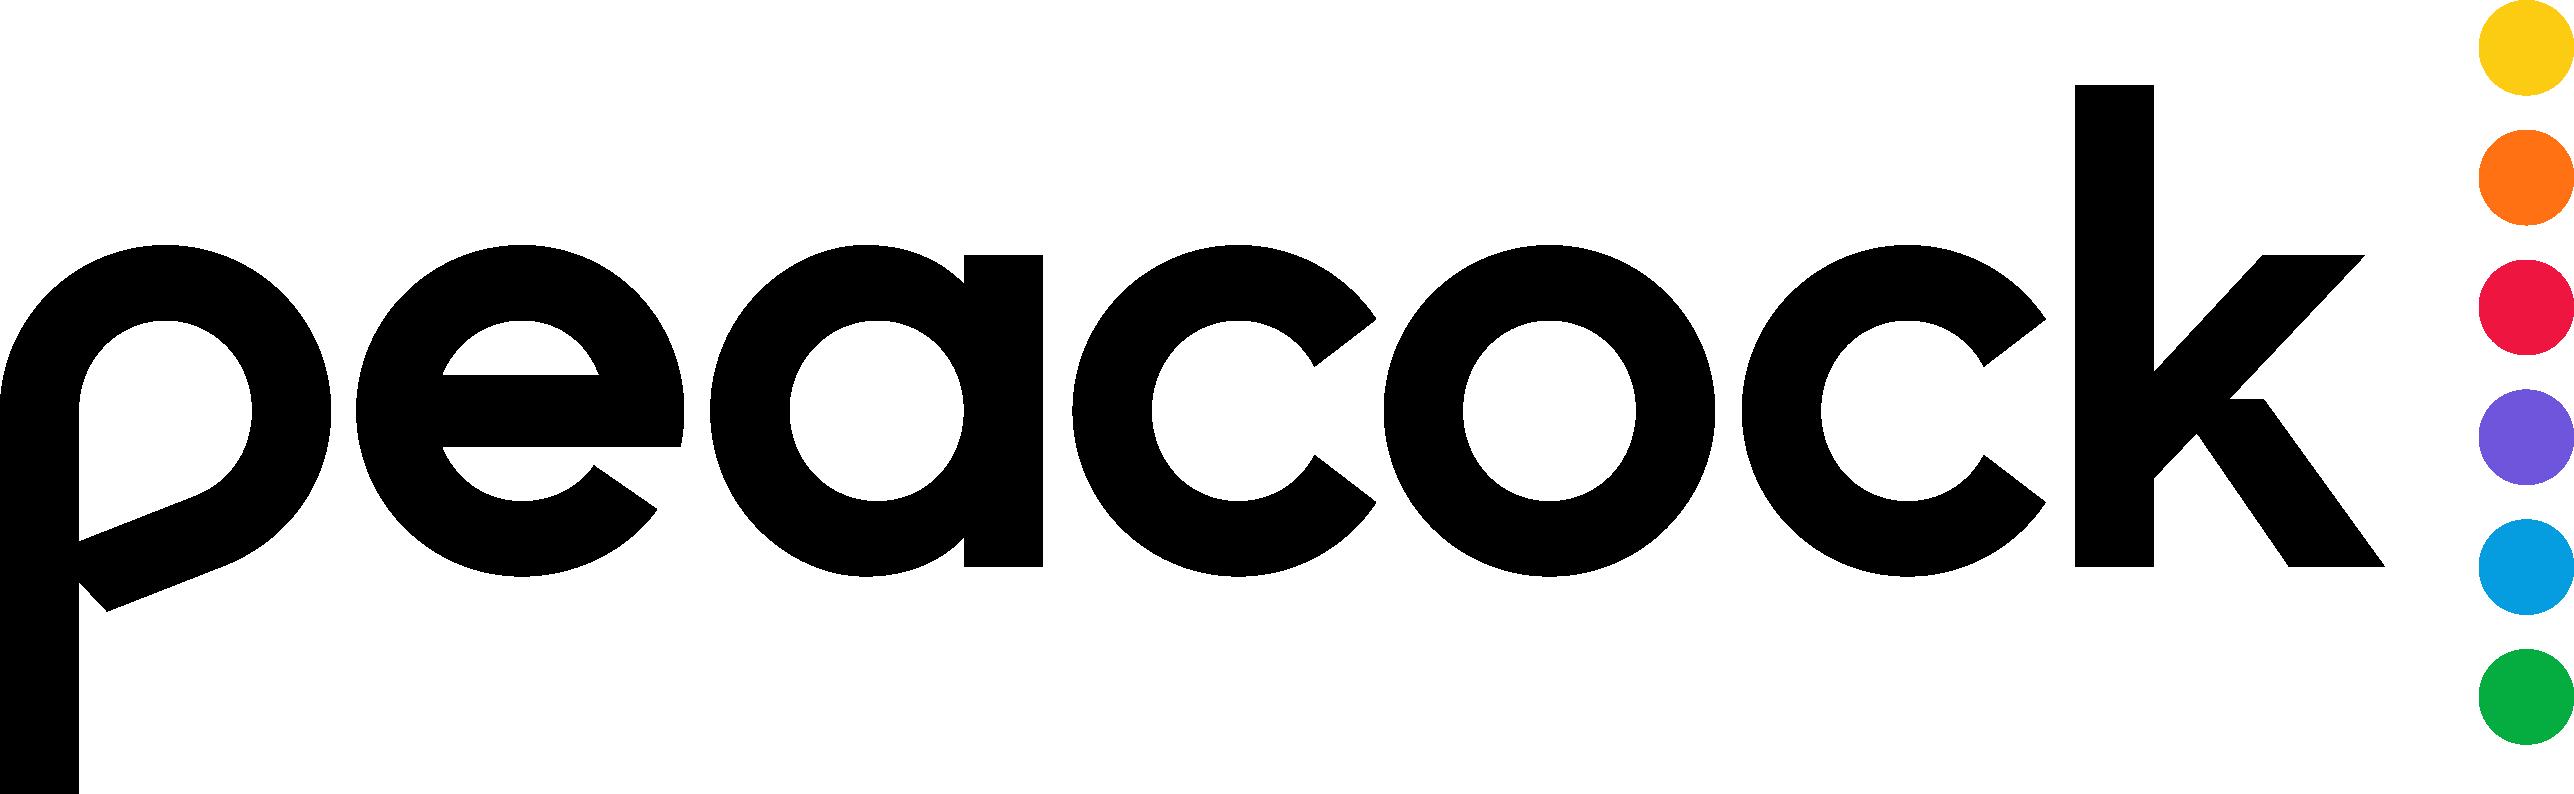 NBC Peacock logo